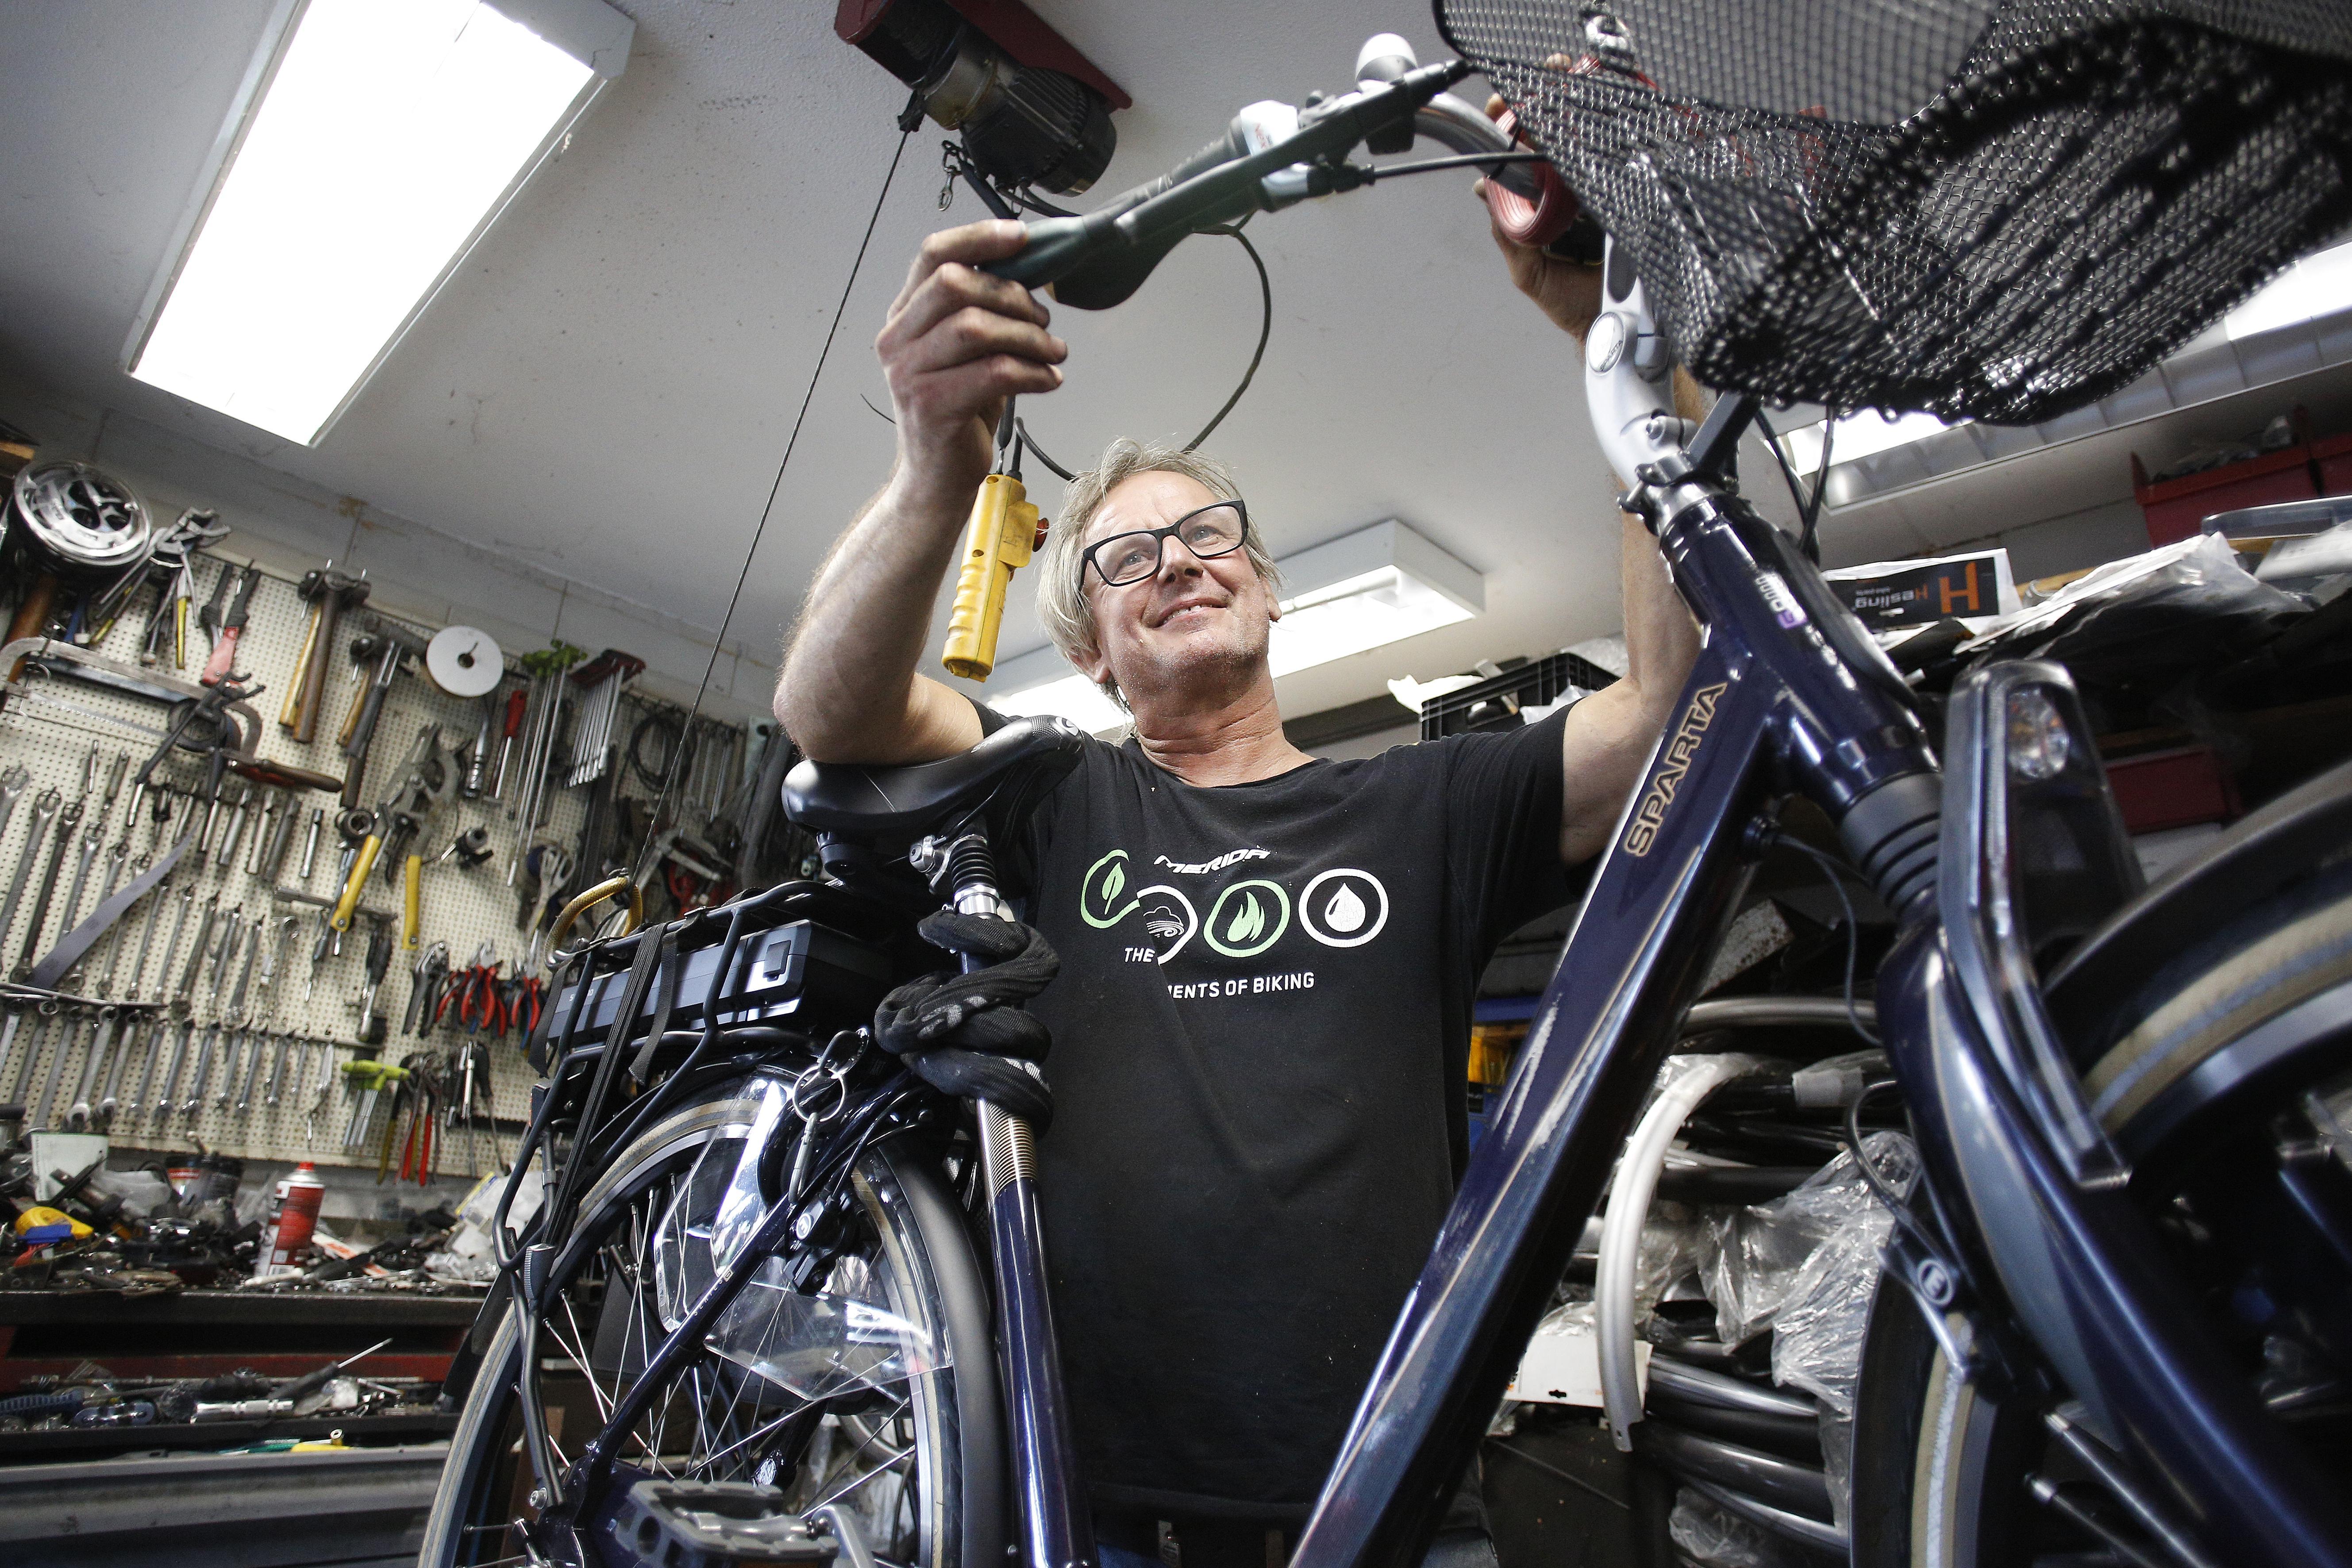 De e-bike is inmiddels mateloos populair, maar nauwelijks meer te krijgen. 'Ze grissen de fietsen bijna uit elkaars handen', zegt Hilversumse fietsenspecialist